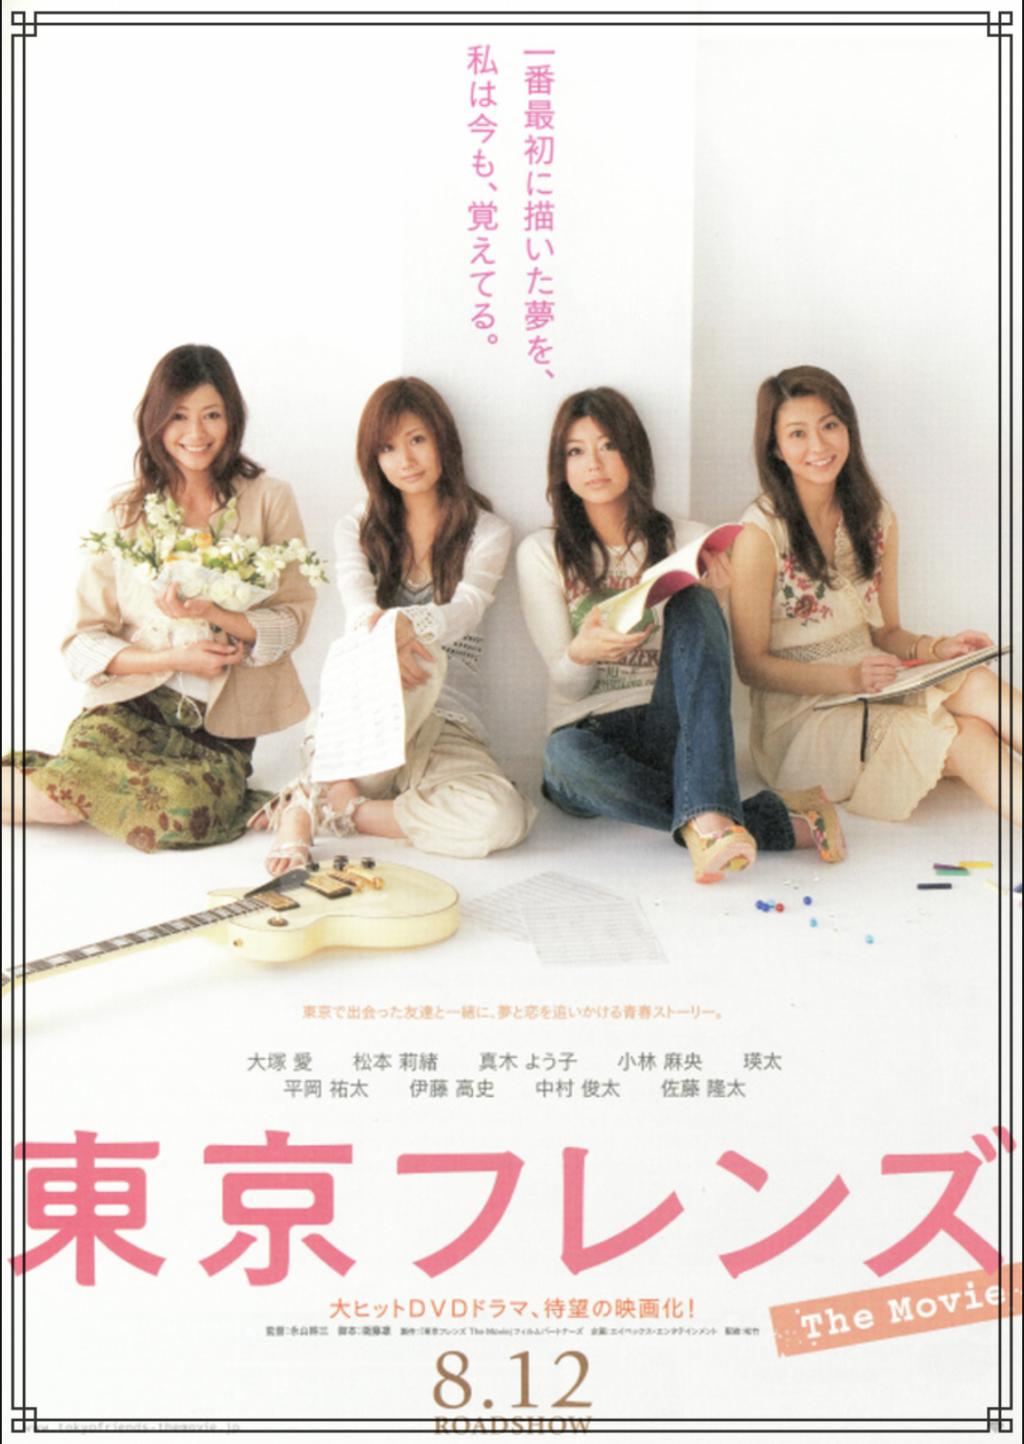 映画『東京フレンズ The Movie』